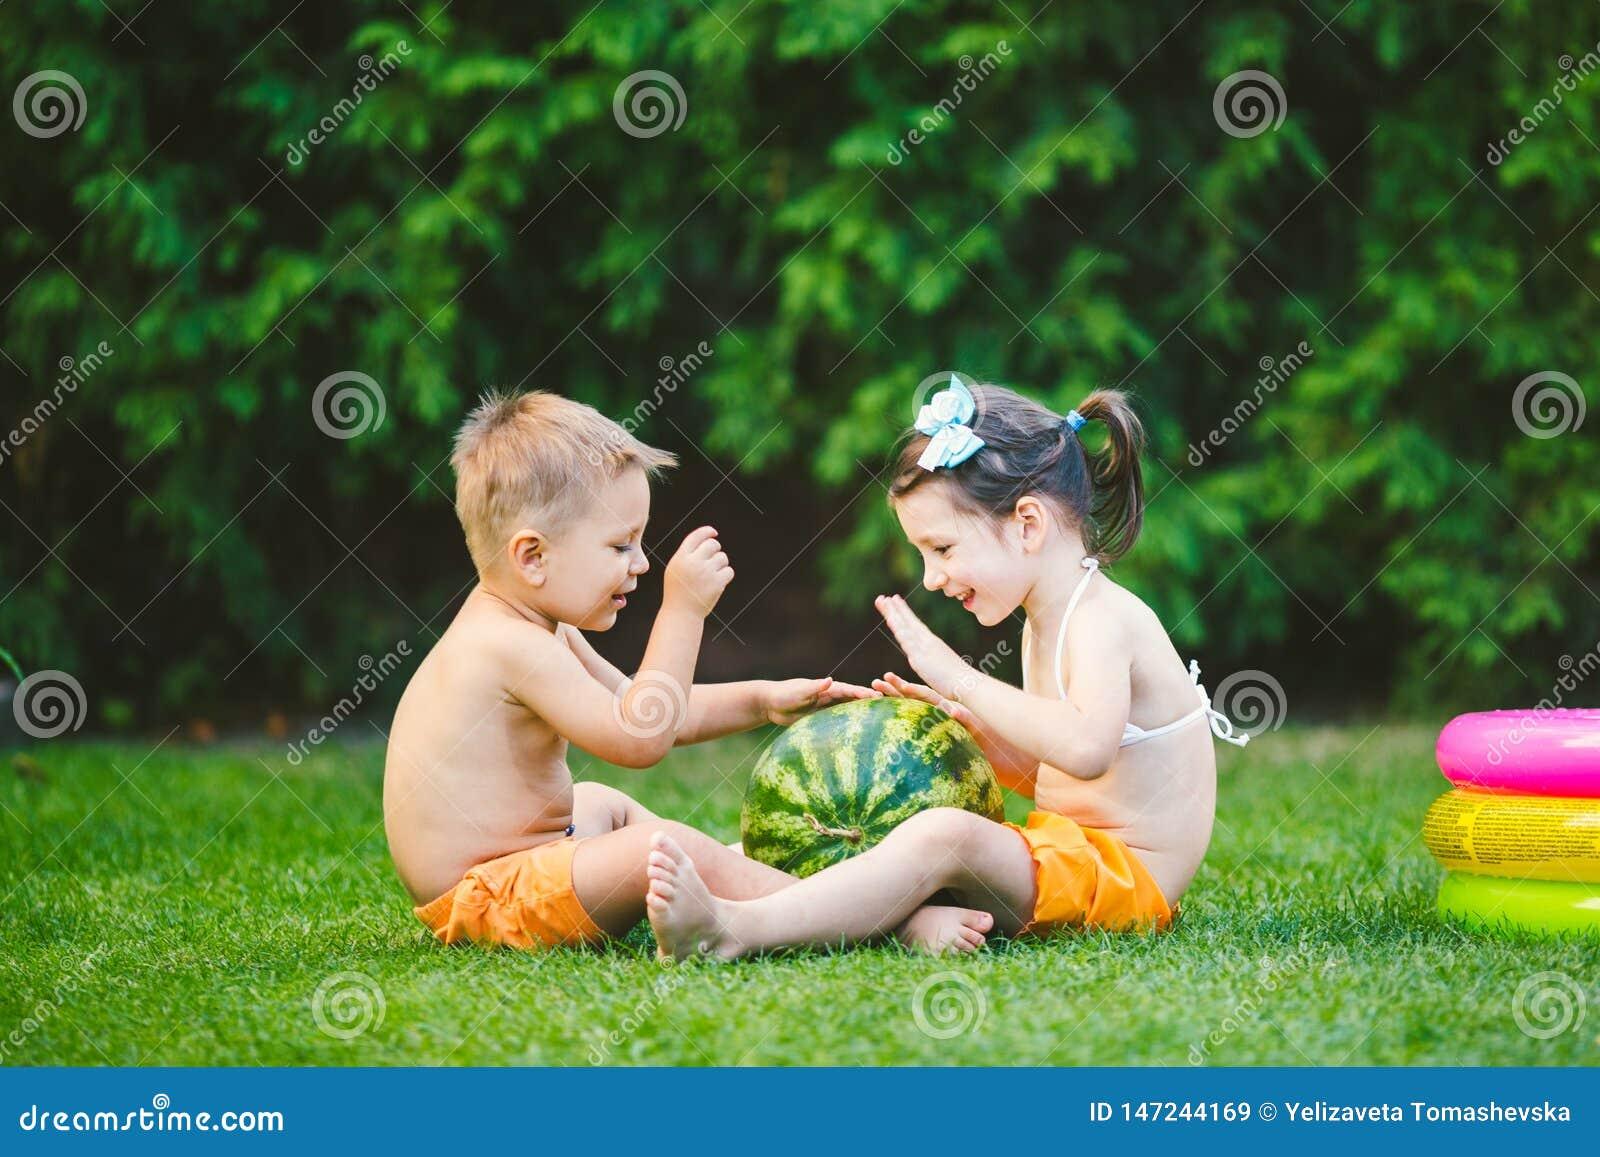 2 дет, кавказский брат и сестра, сидя на зеленой траве в задворк дома и обнимая большой вкусный сладкий арбуз